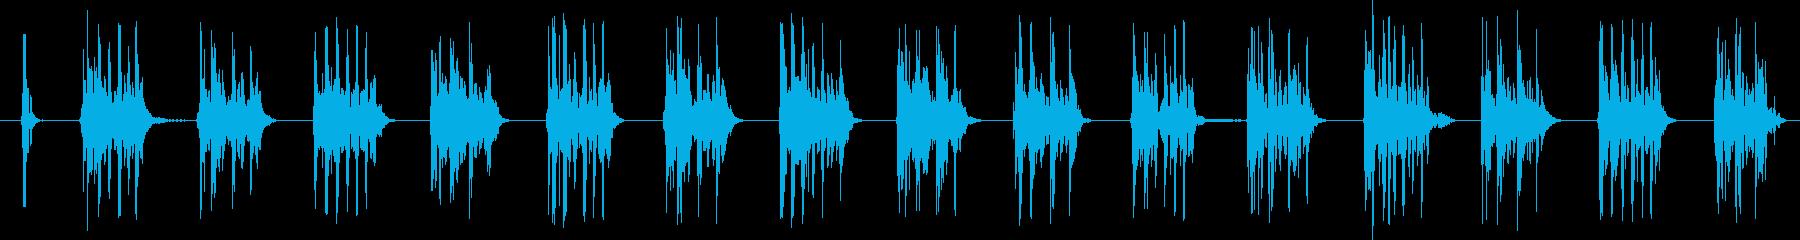 SCI FI マシンガン01の再生済みの波形